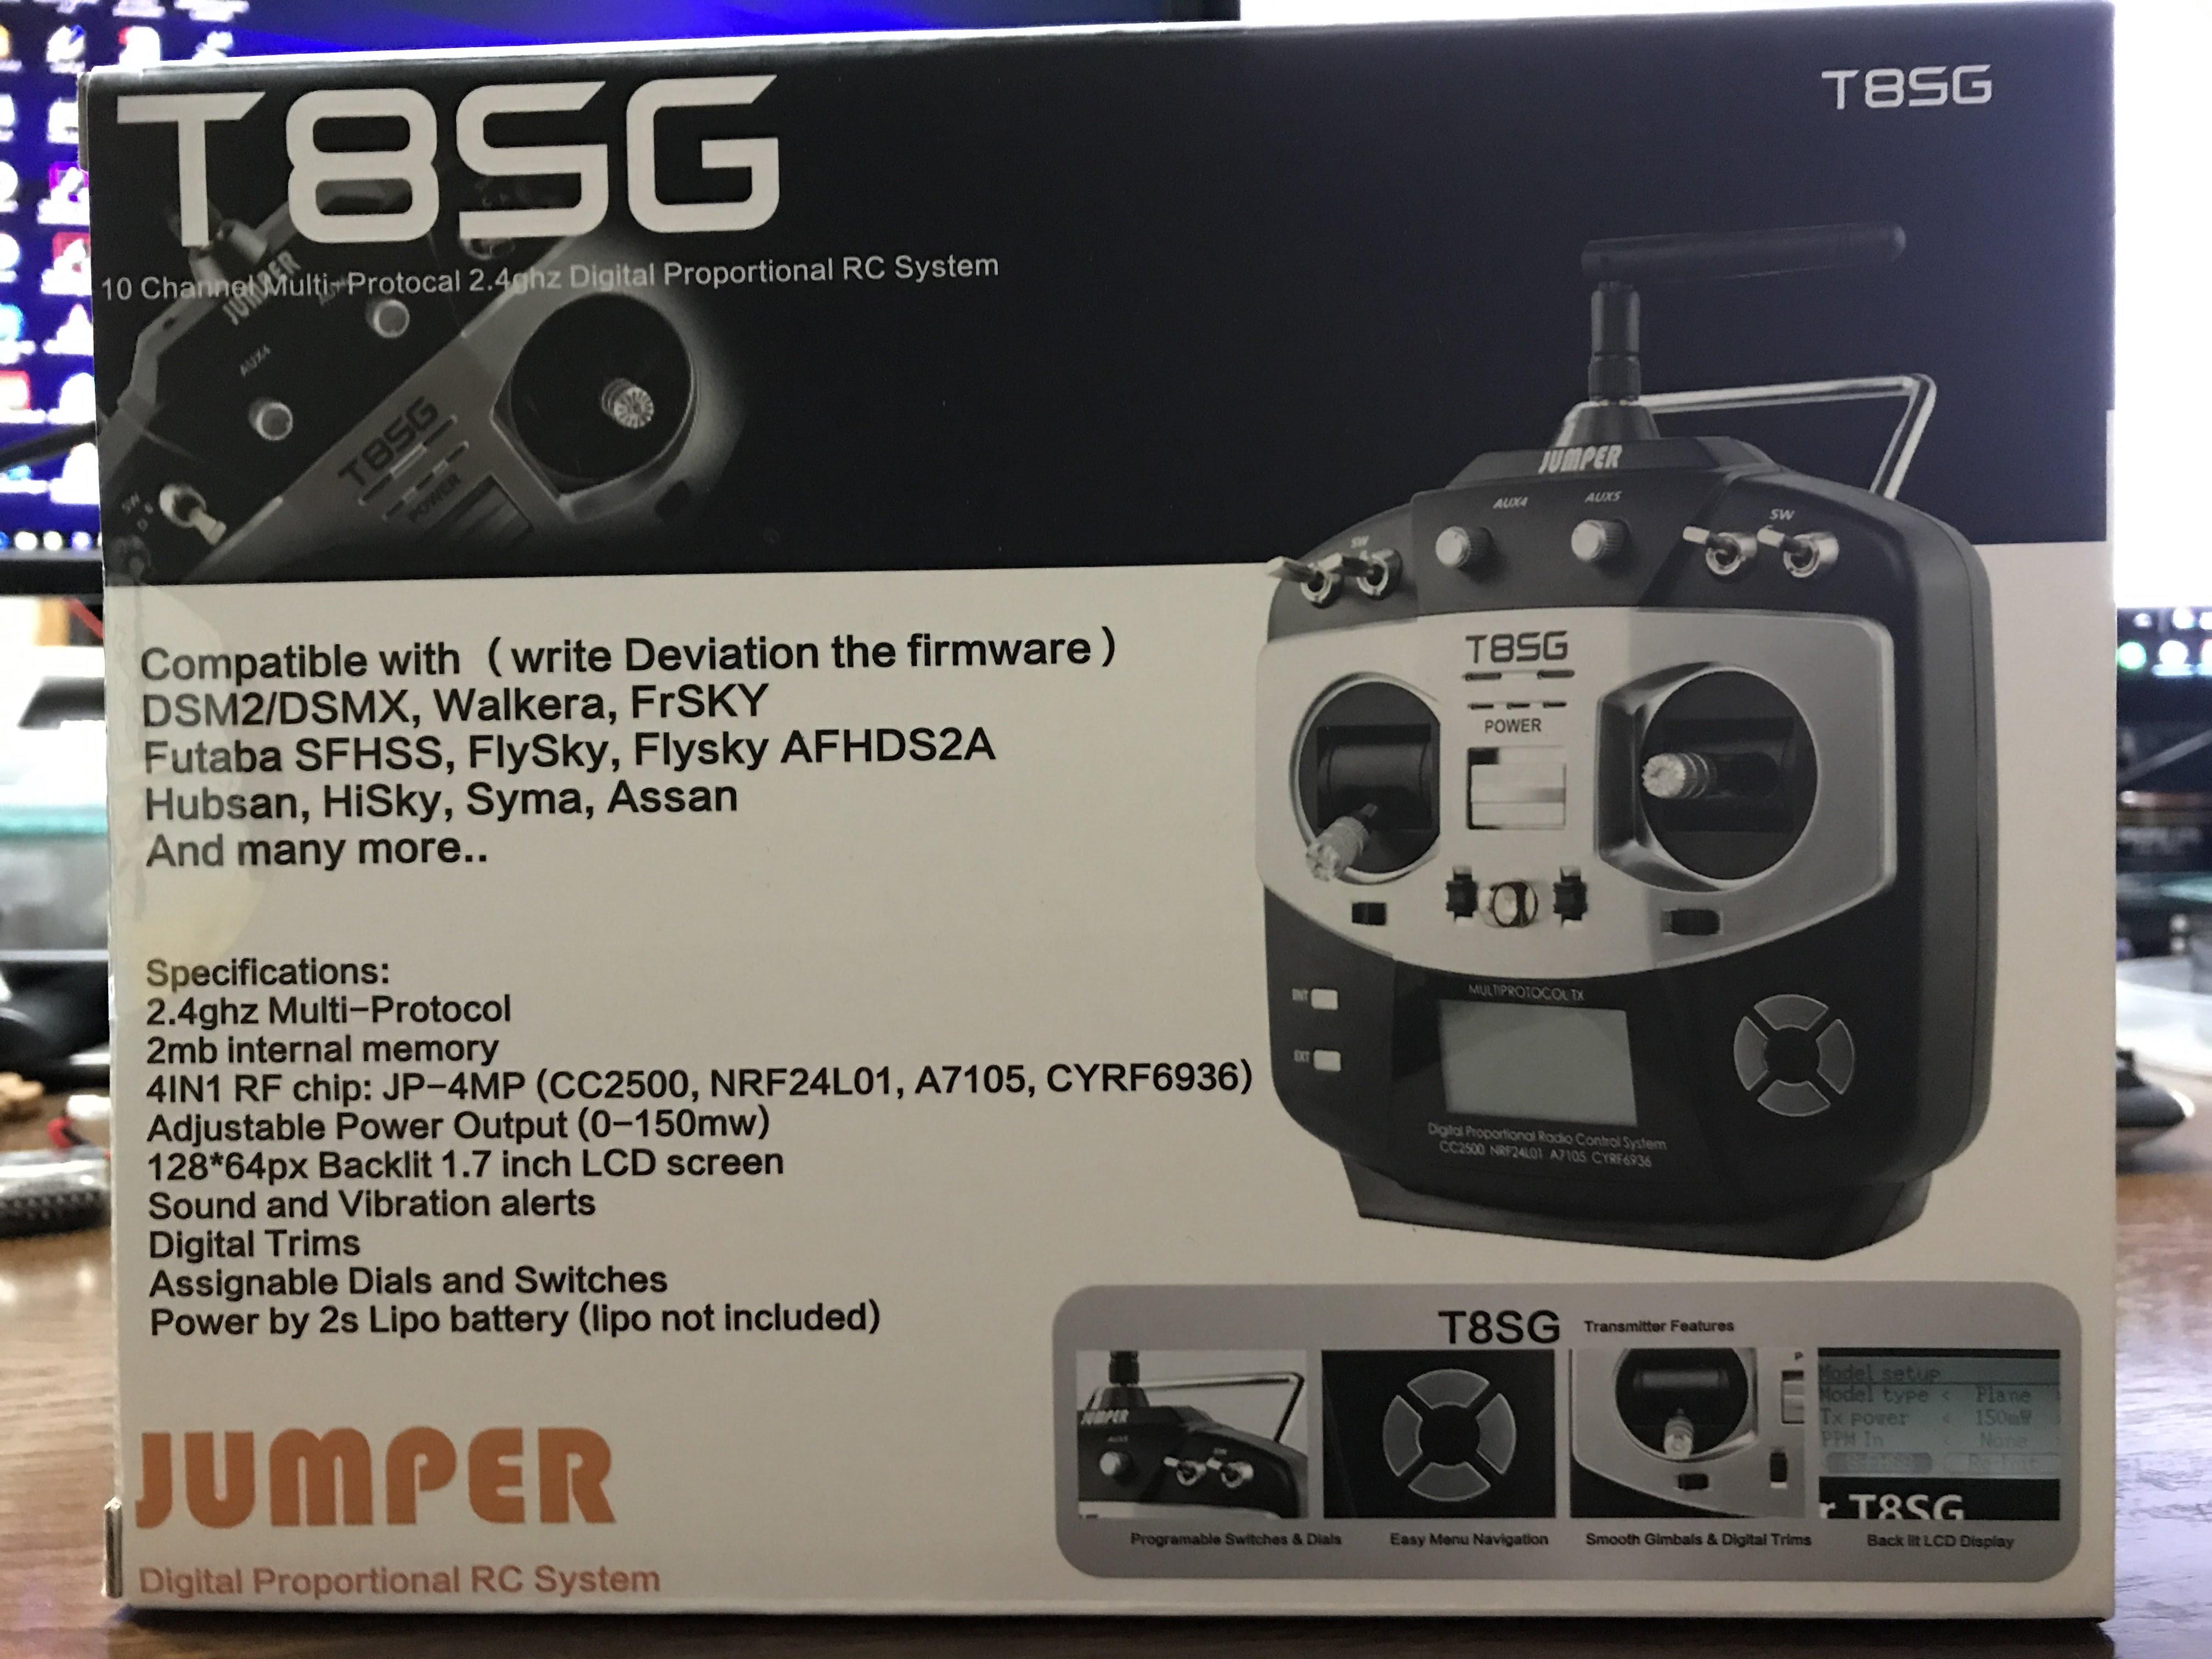 Jumper T8SG 買いました。トイドローン用に